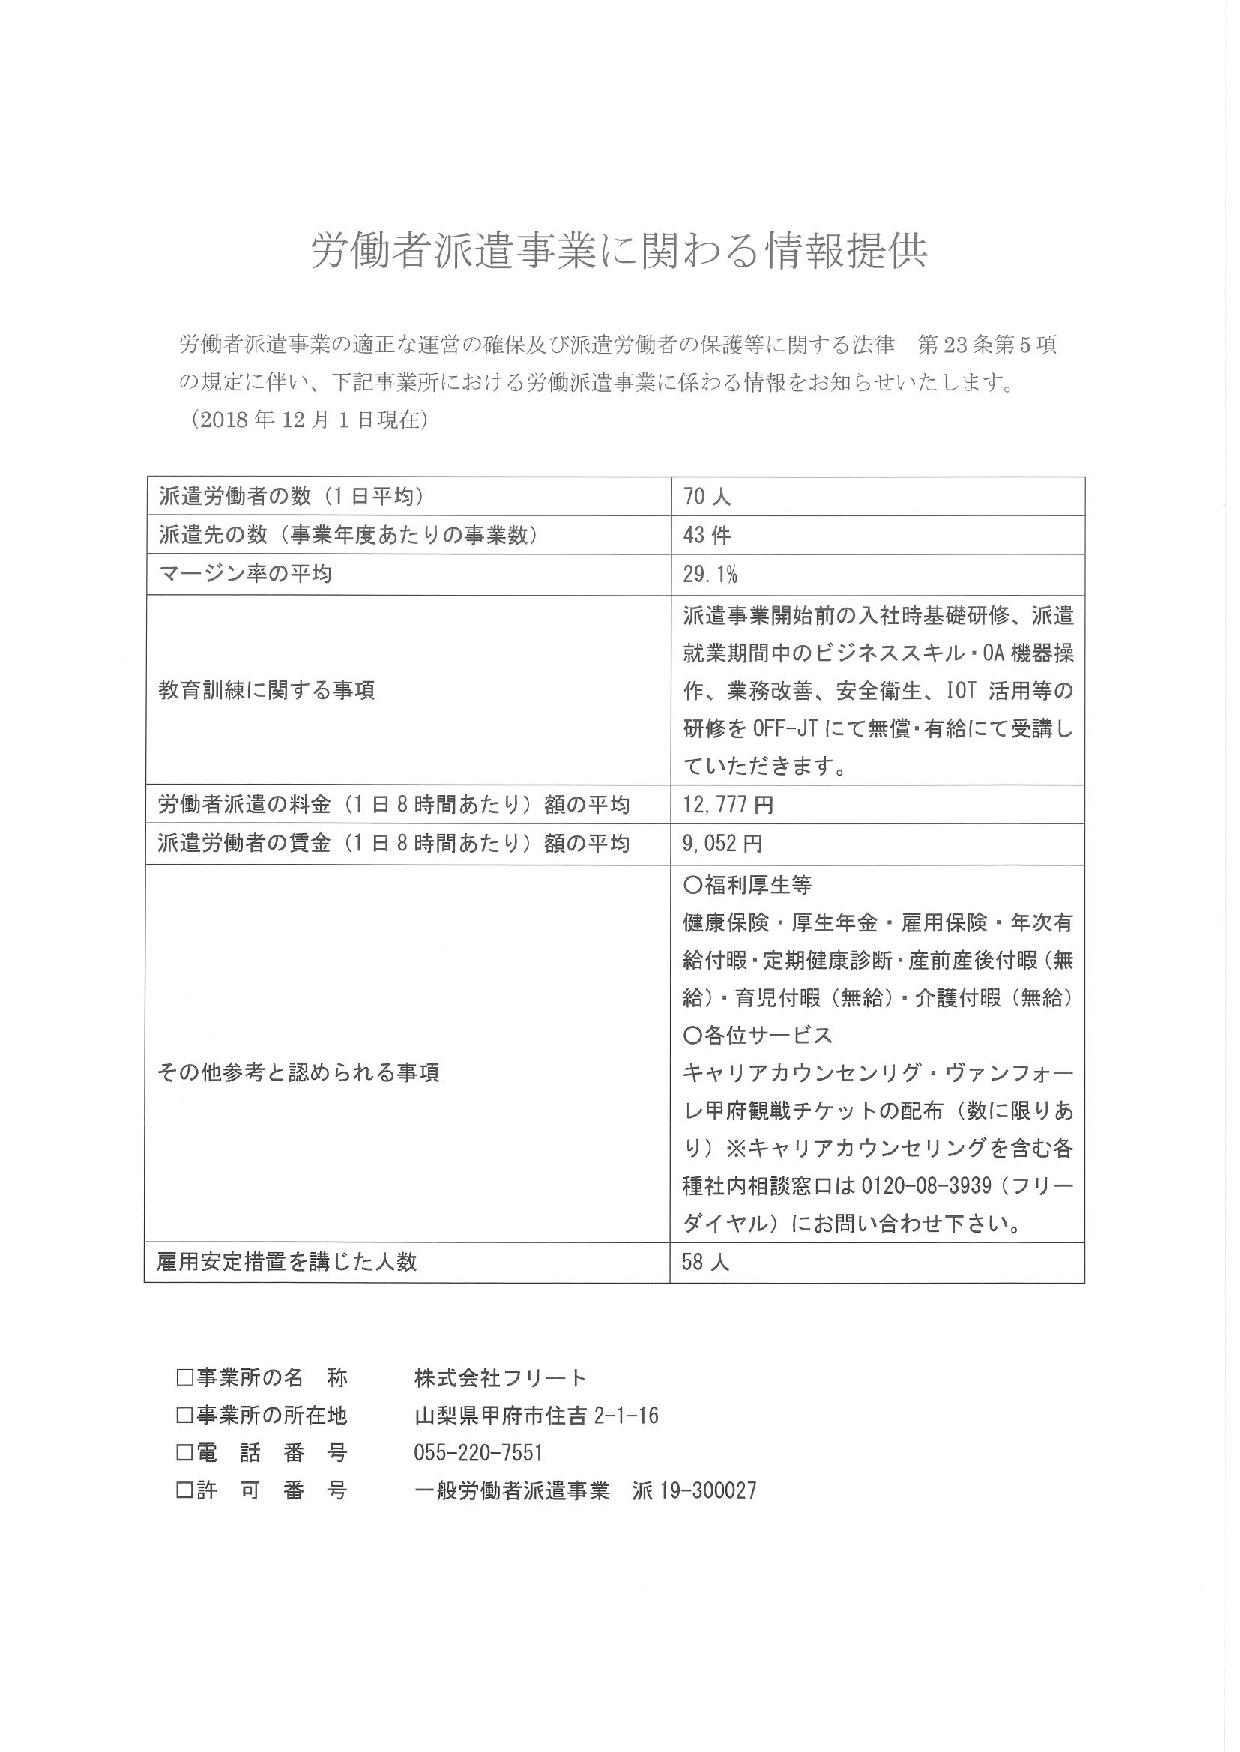 『 1/22(火)営業時間変更のお知らせ 』